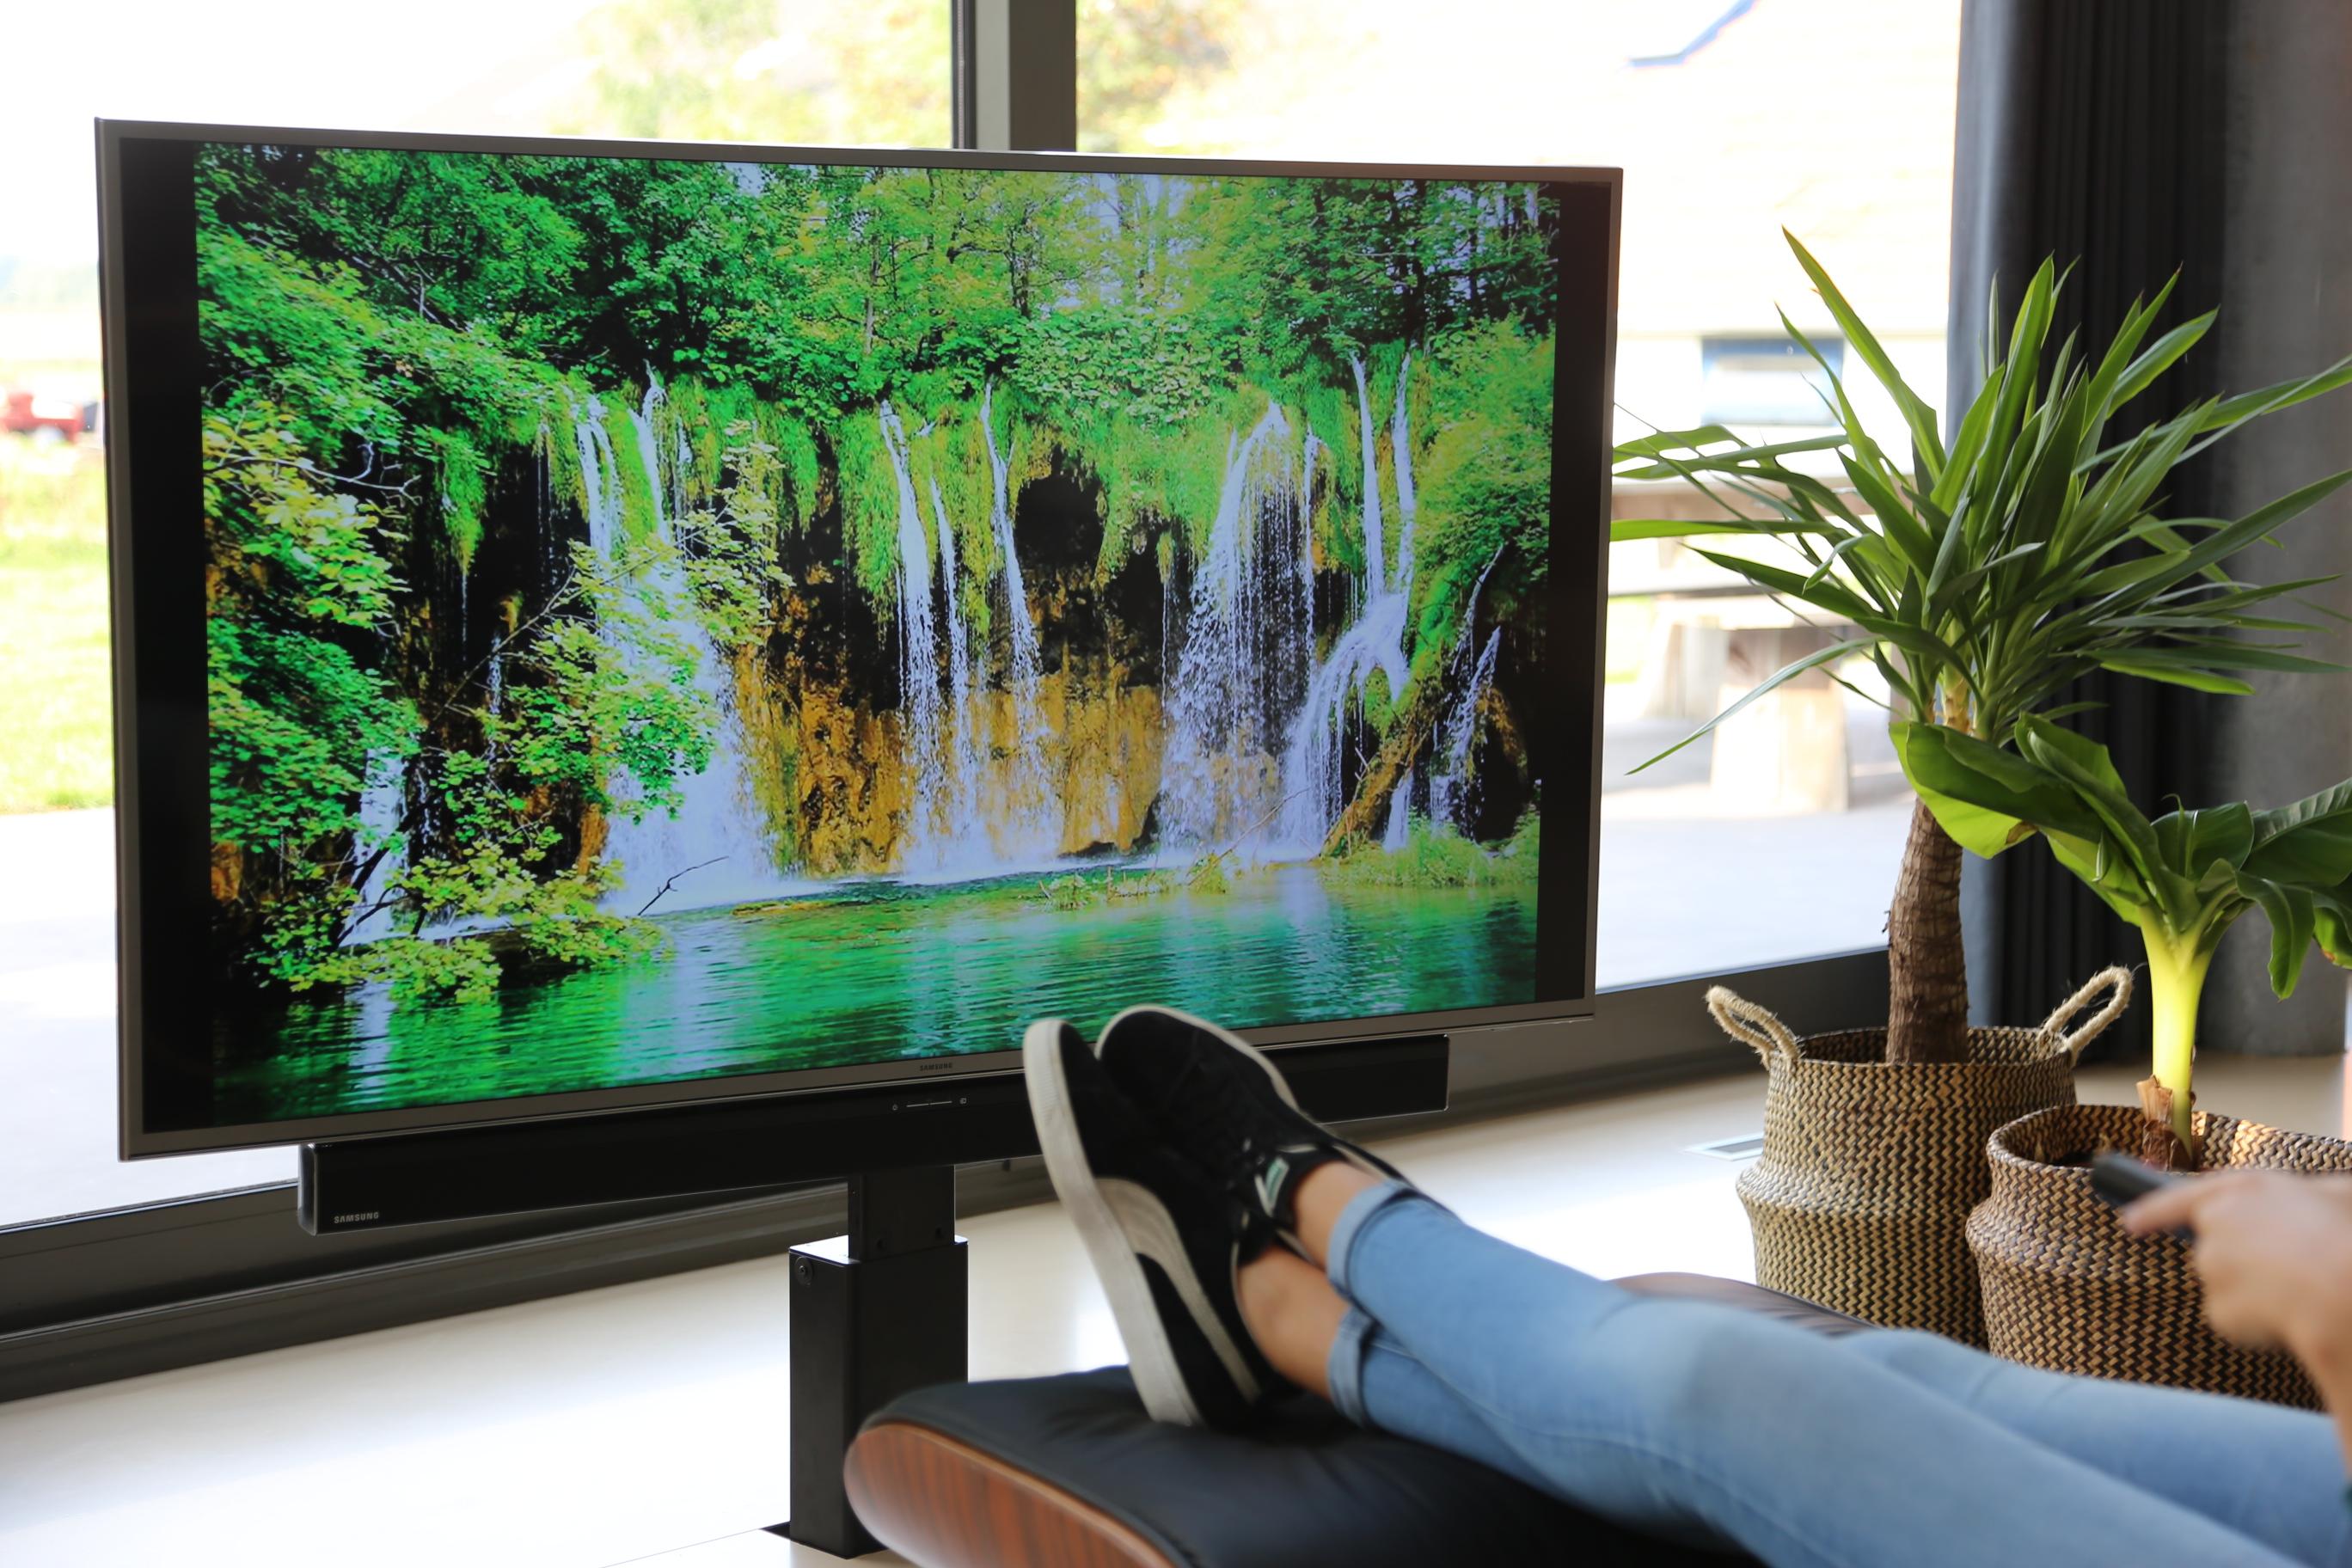 Tv Uit Kast Laten Komen.Tv Liftboy Verberg Uw Tv Met De Tv Lift Van Tvliftboy